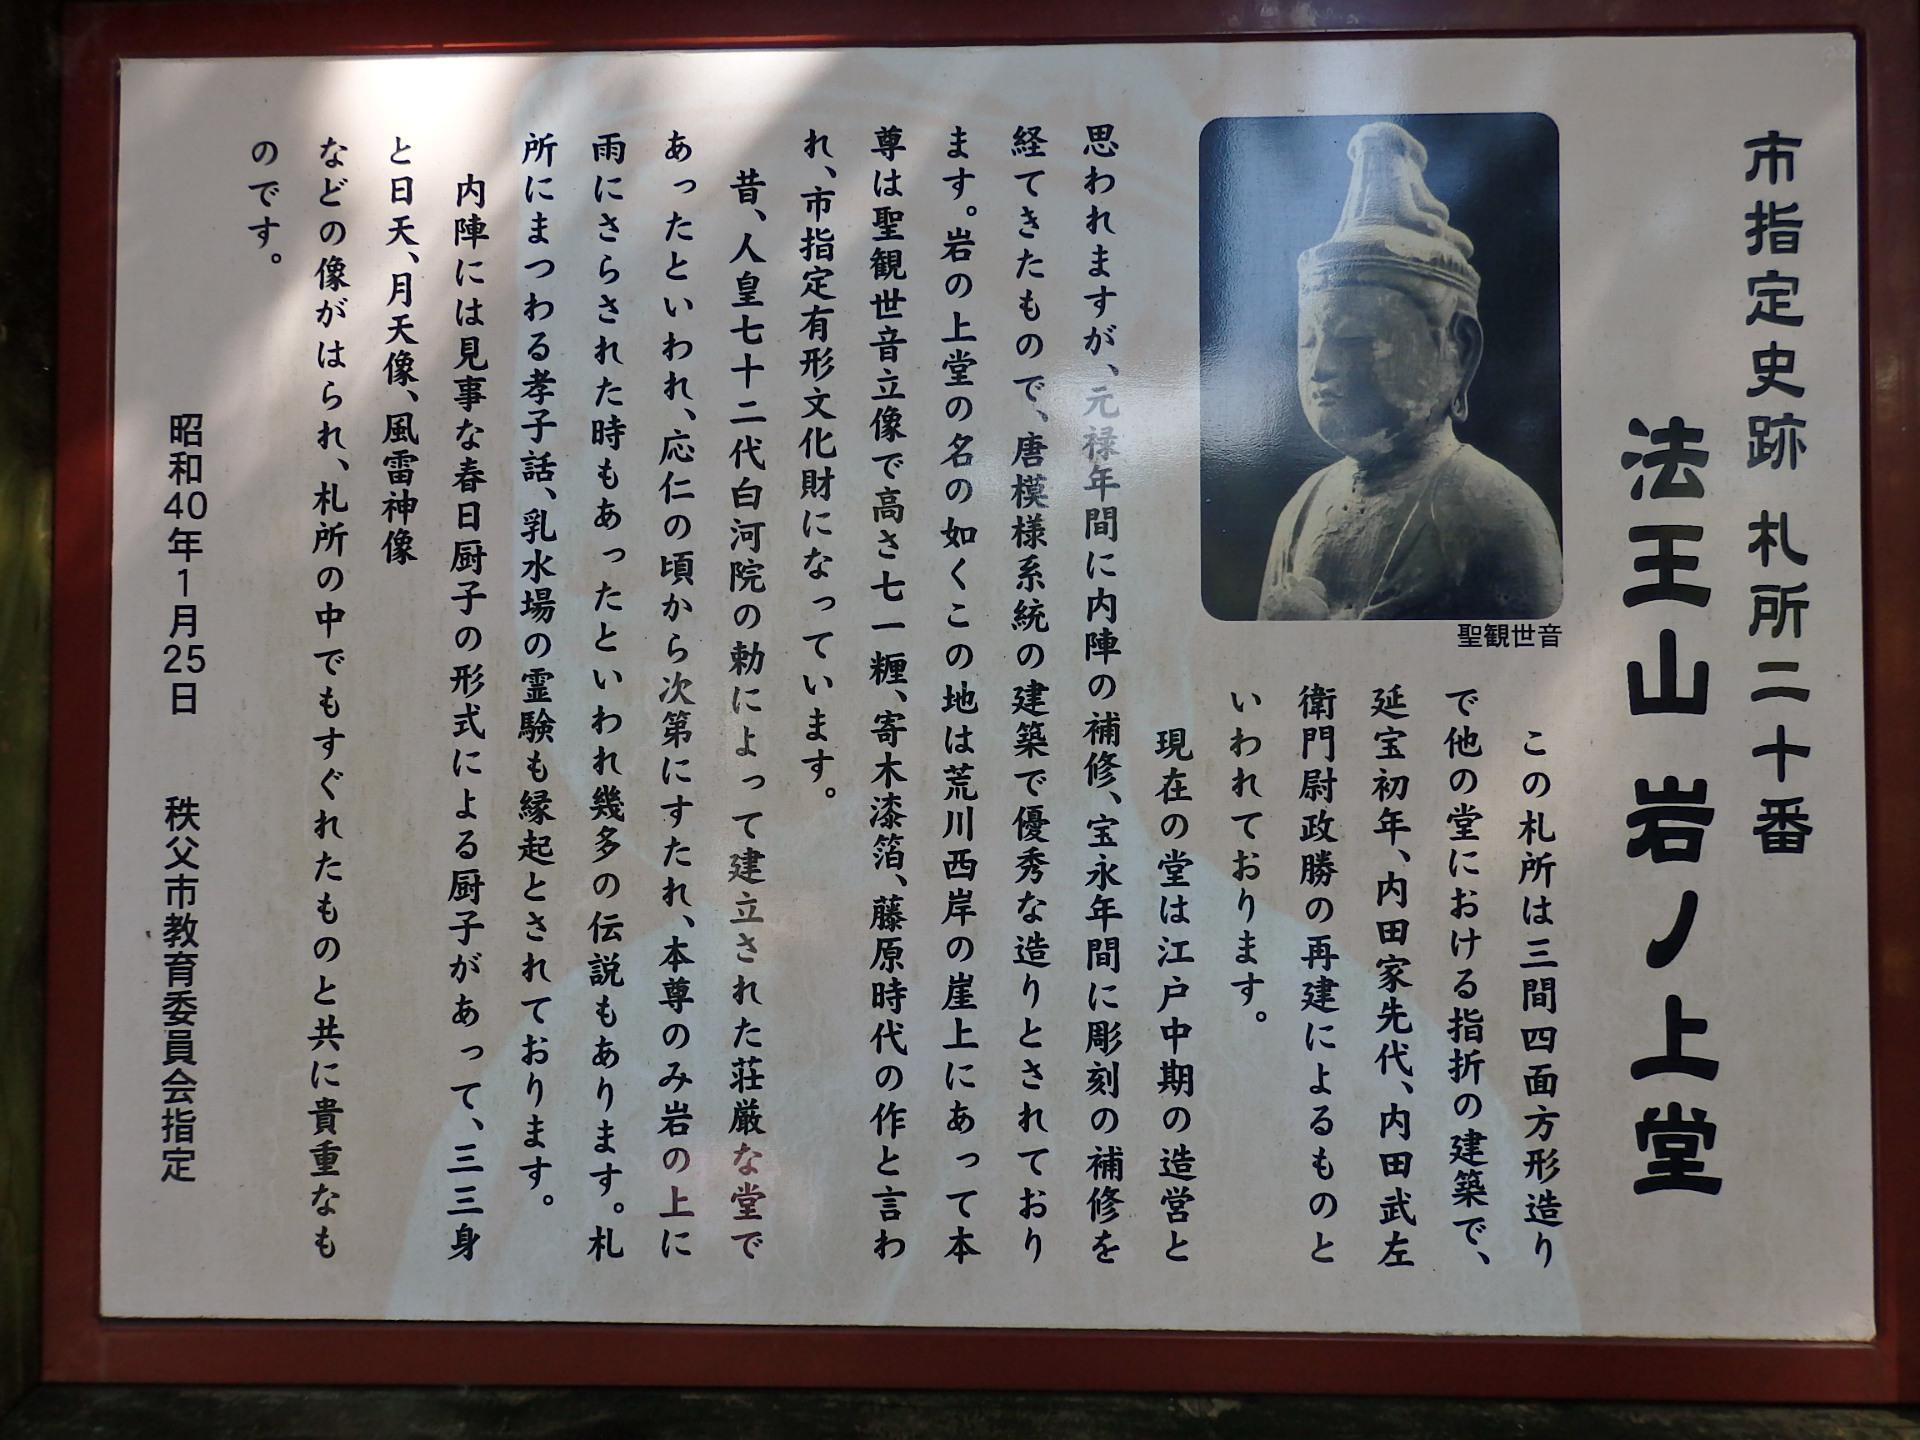 法王山 岩之上堂の歴史